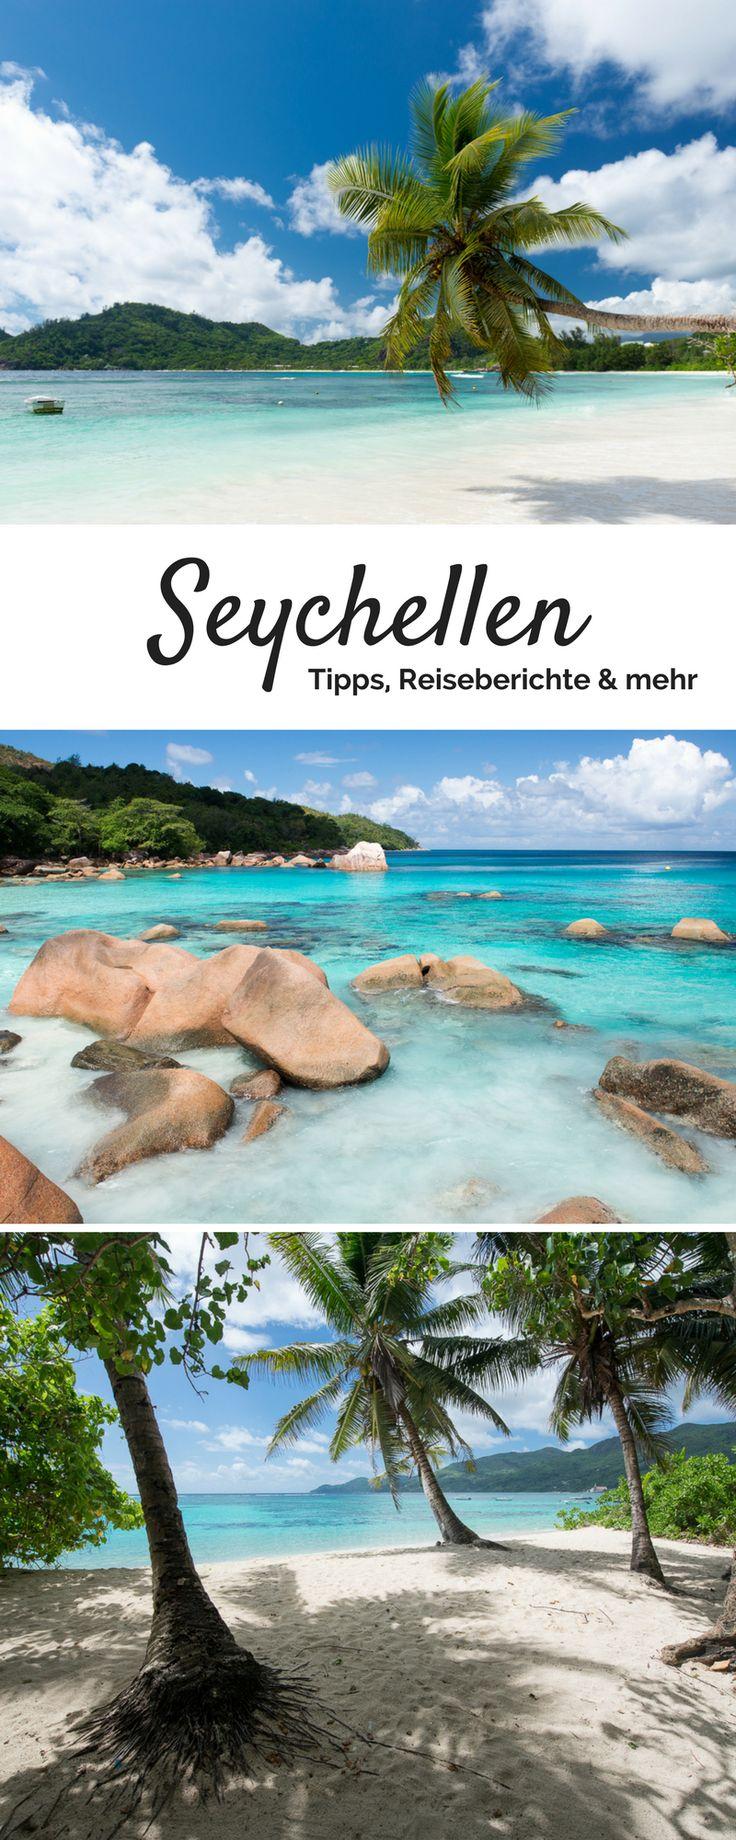 Seychellen - Tipps, Reiseberichte und mehr